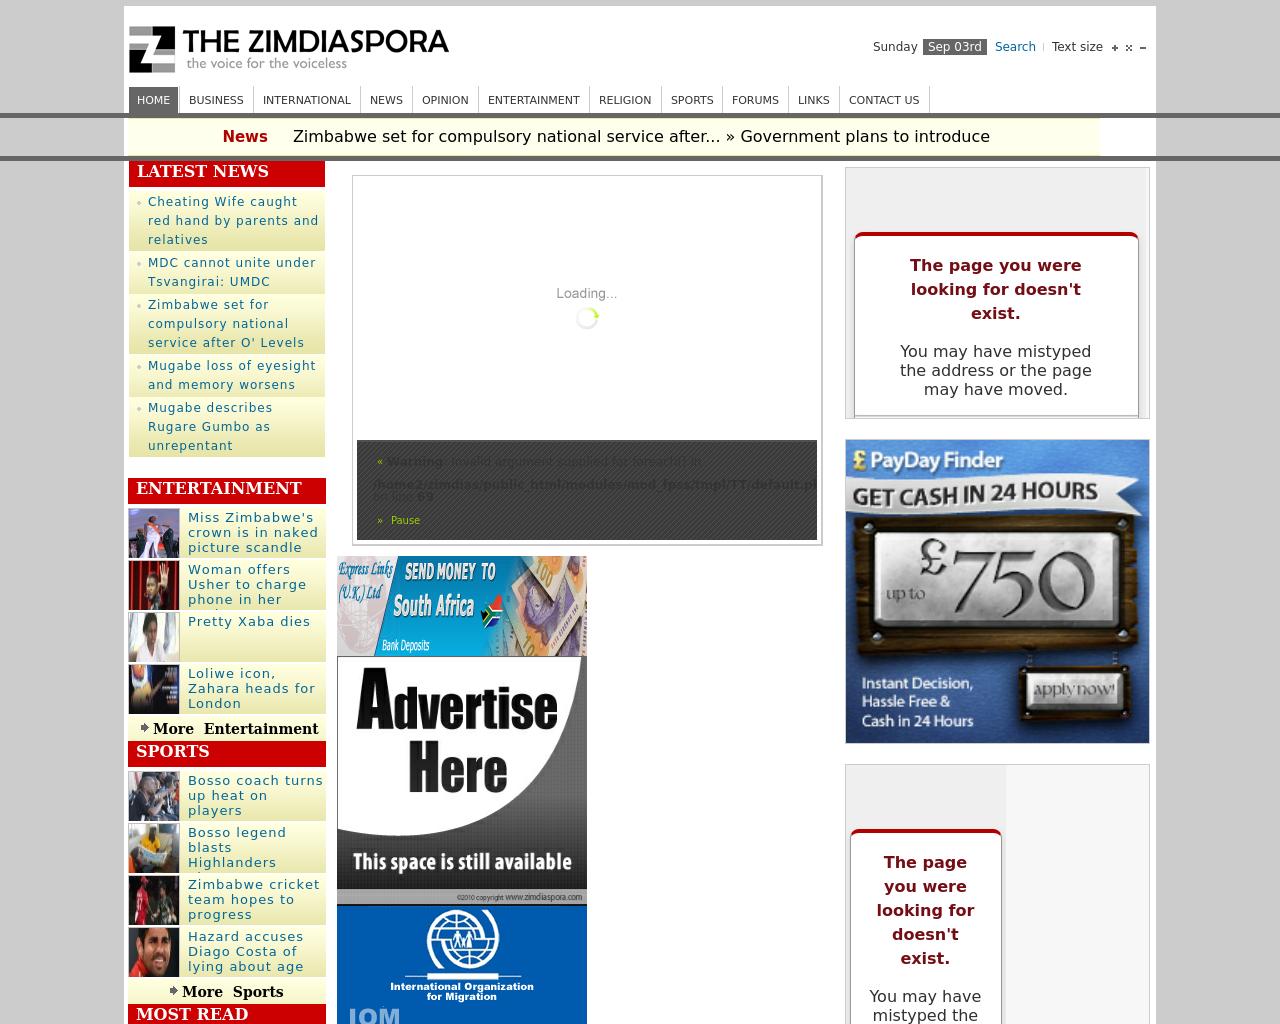 The-Zimdiaspora-Advertising-Reviews-Pricing